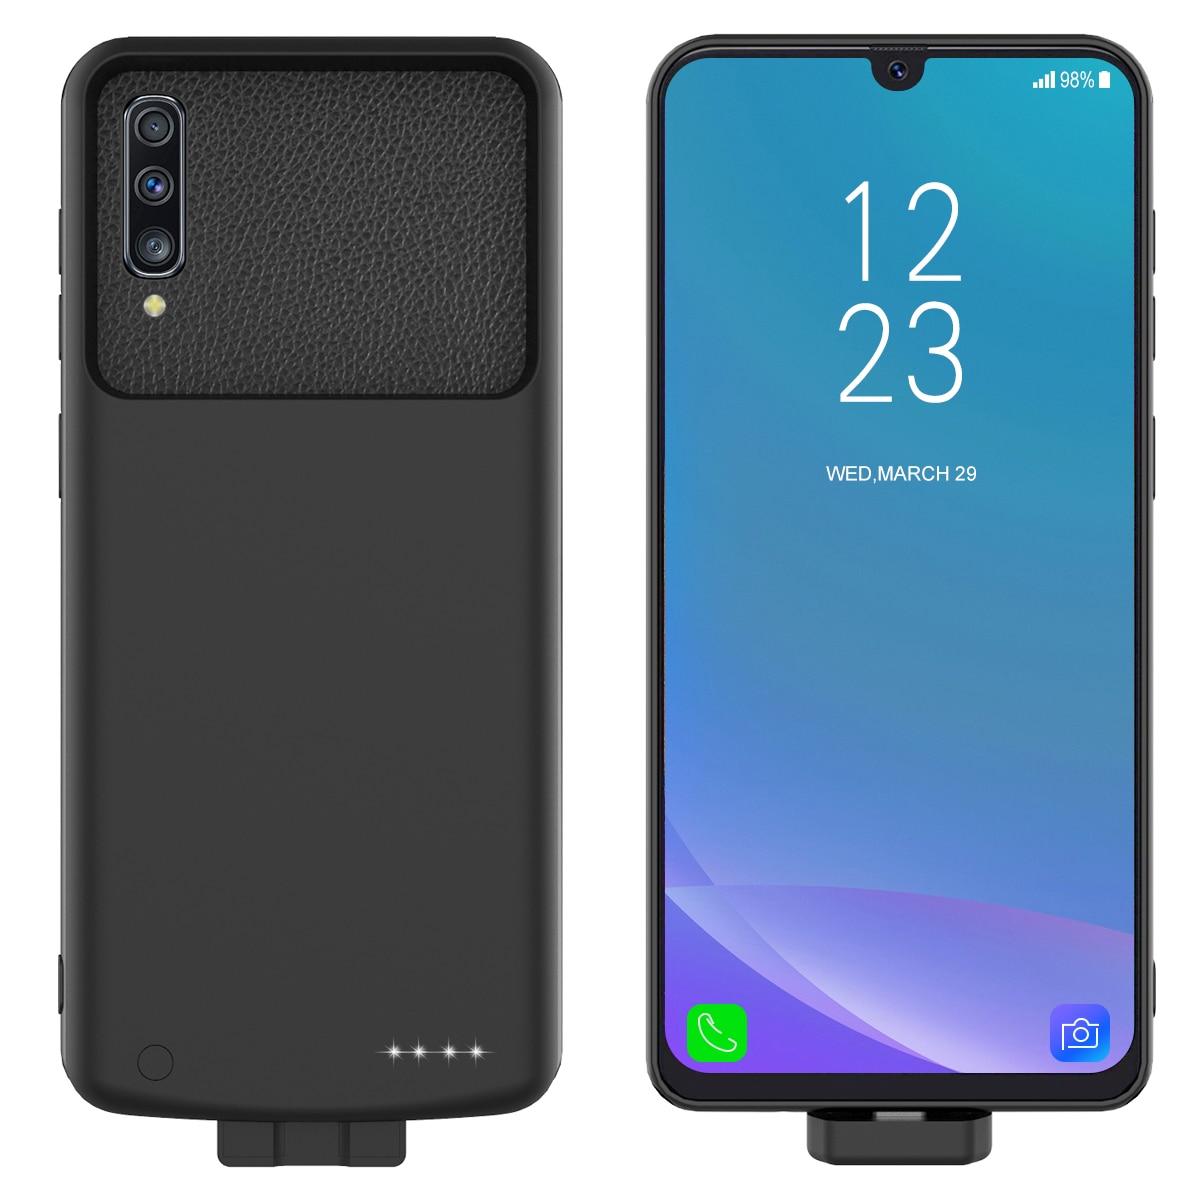 Cep telefonları ve Telekomünikasyon Ürünleri'ten Pil Şarj Kılıfları'de Samsung Galaxy A30s pil şarj cihazı Durumda 7000mAh Harici Yedekleme Şarj Güç Bankası Kapak Samsung A50s Pil Kutusu title=